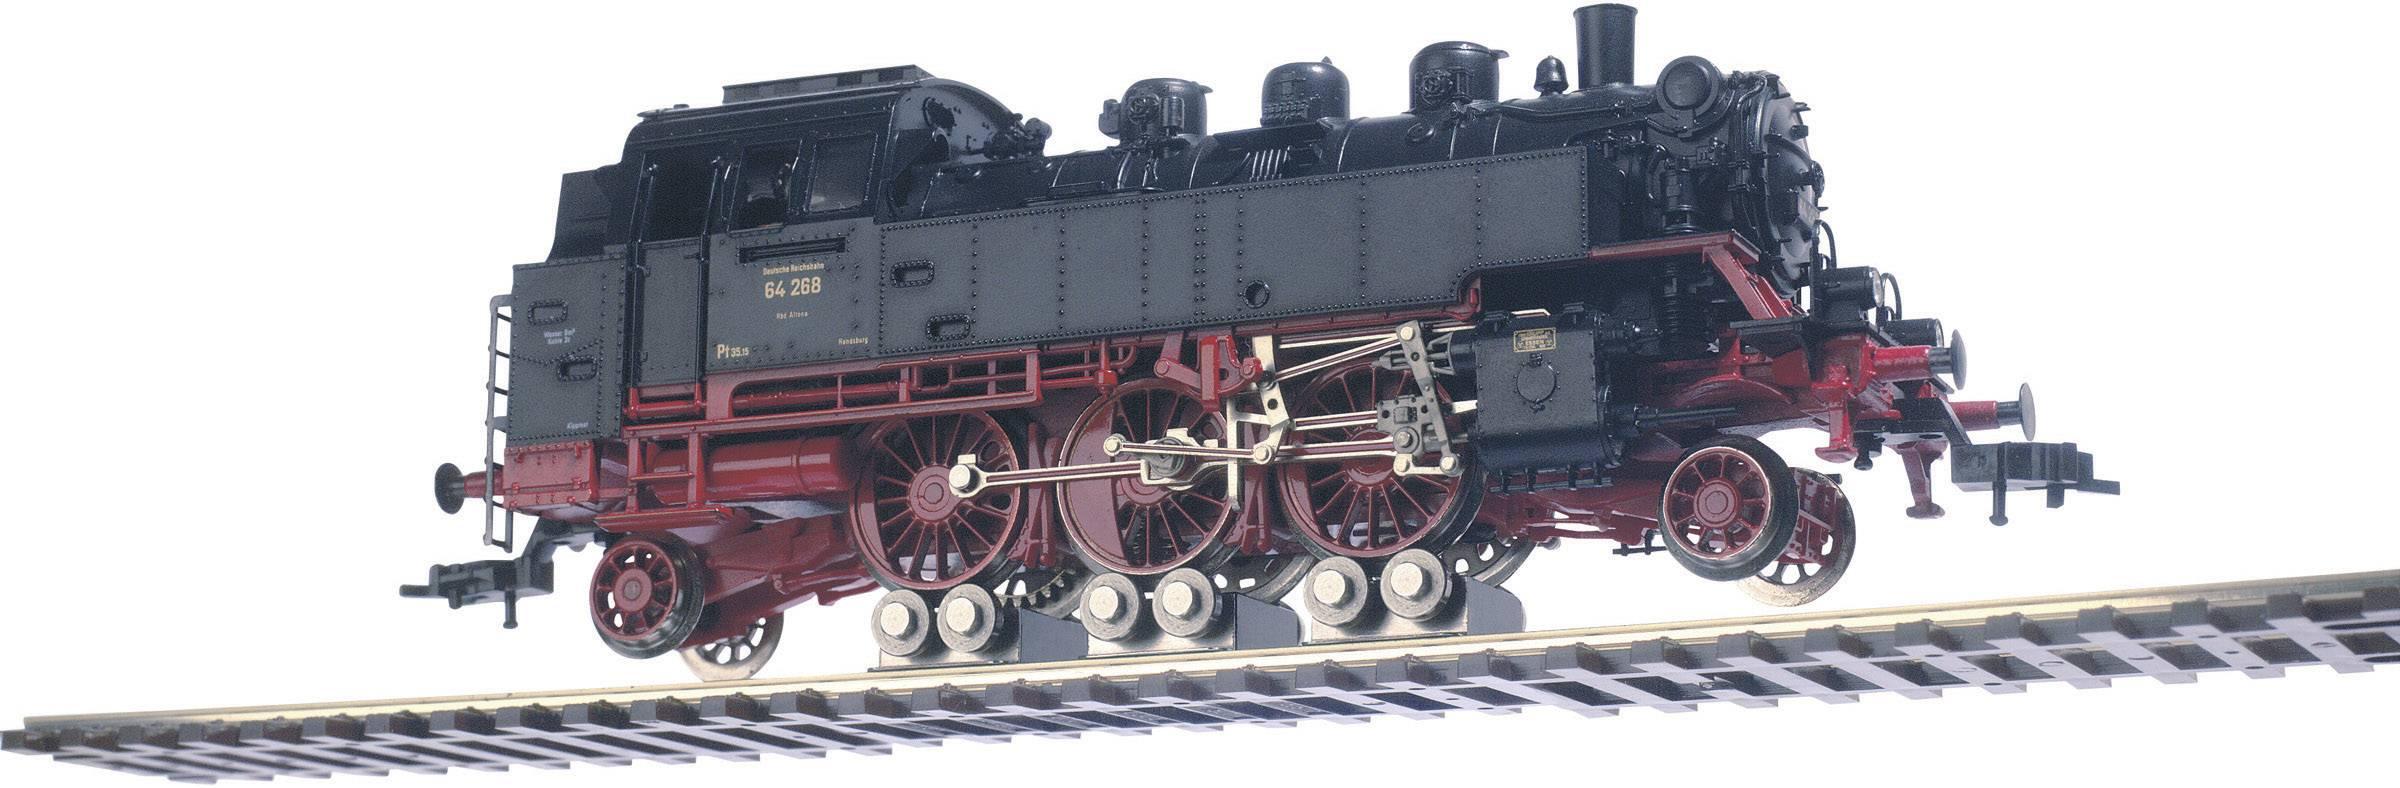 H0 Motor-Nachrüstset  Märklin 060943